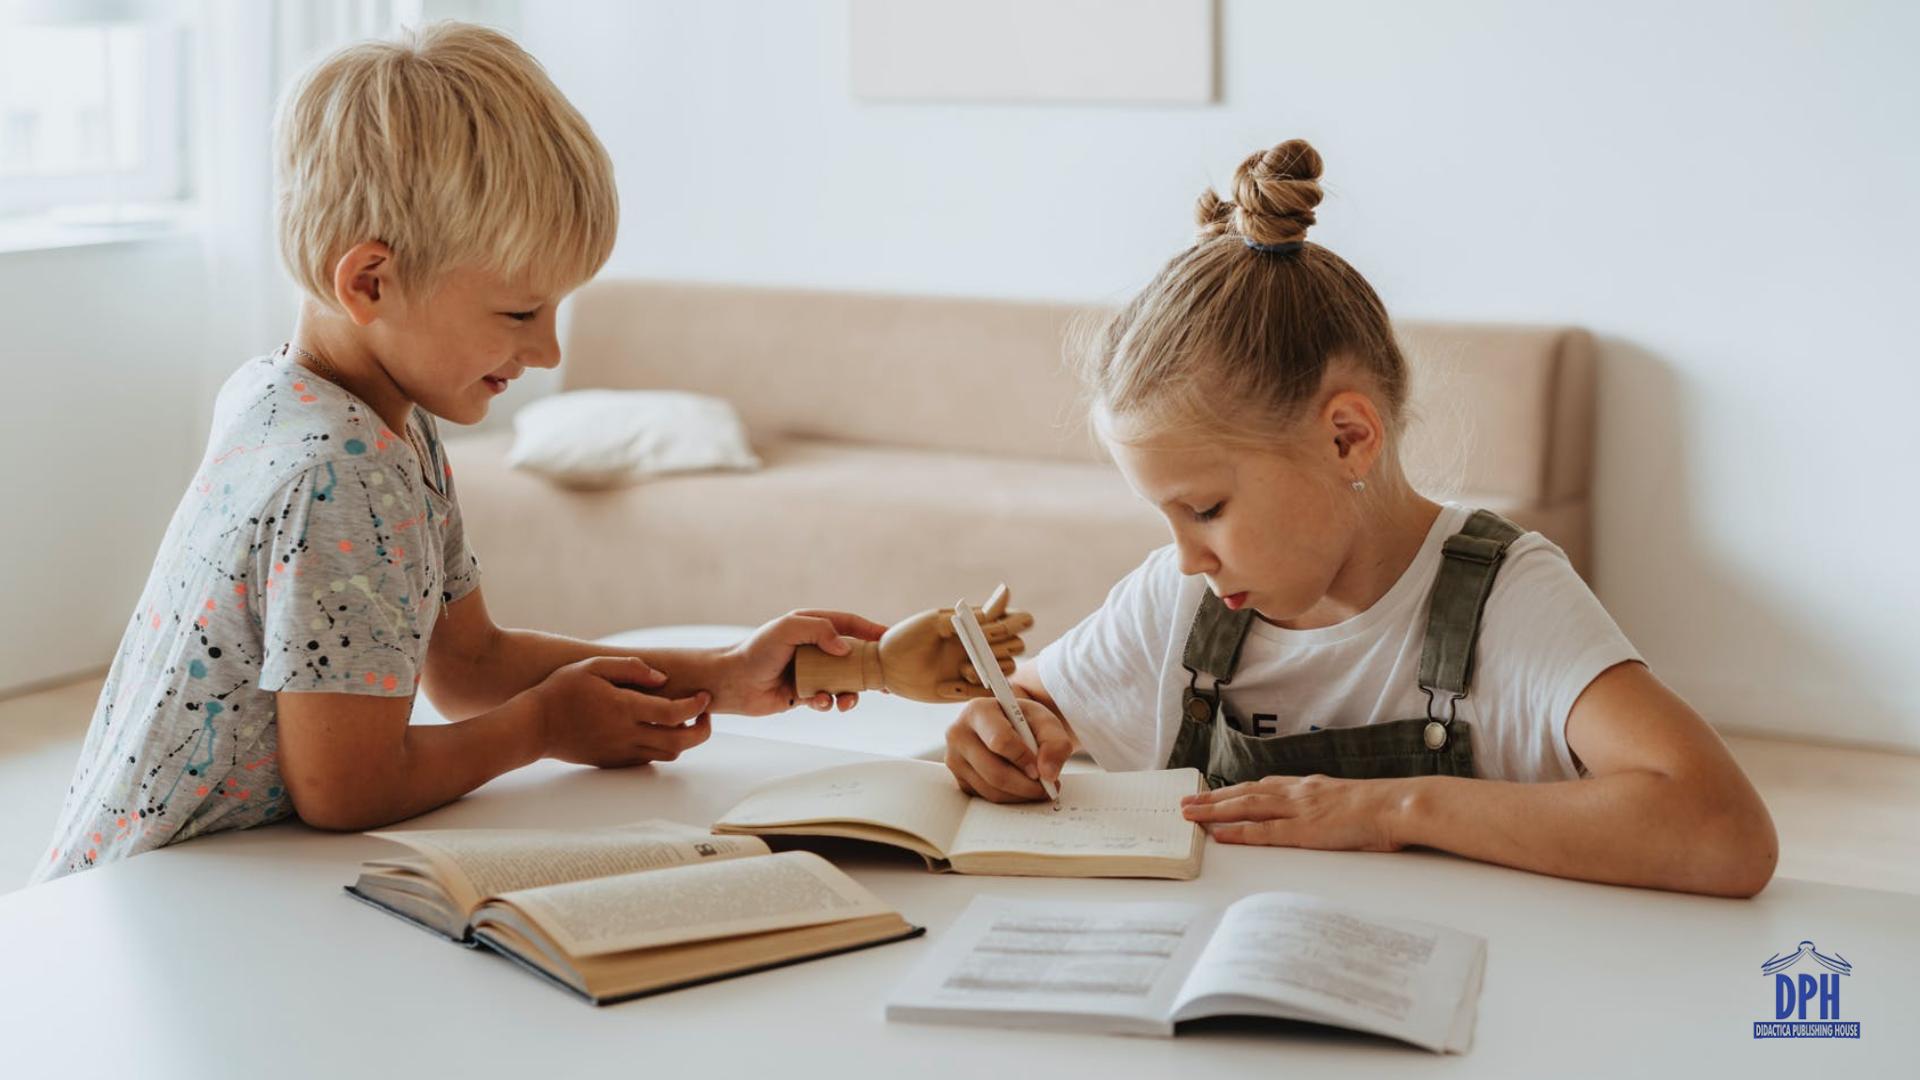 copii-care-scriu